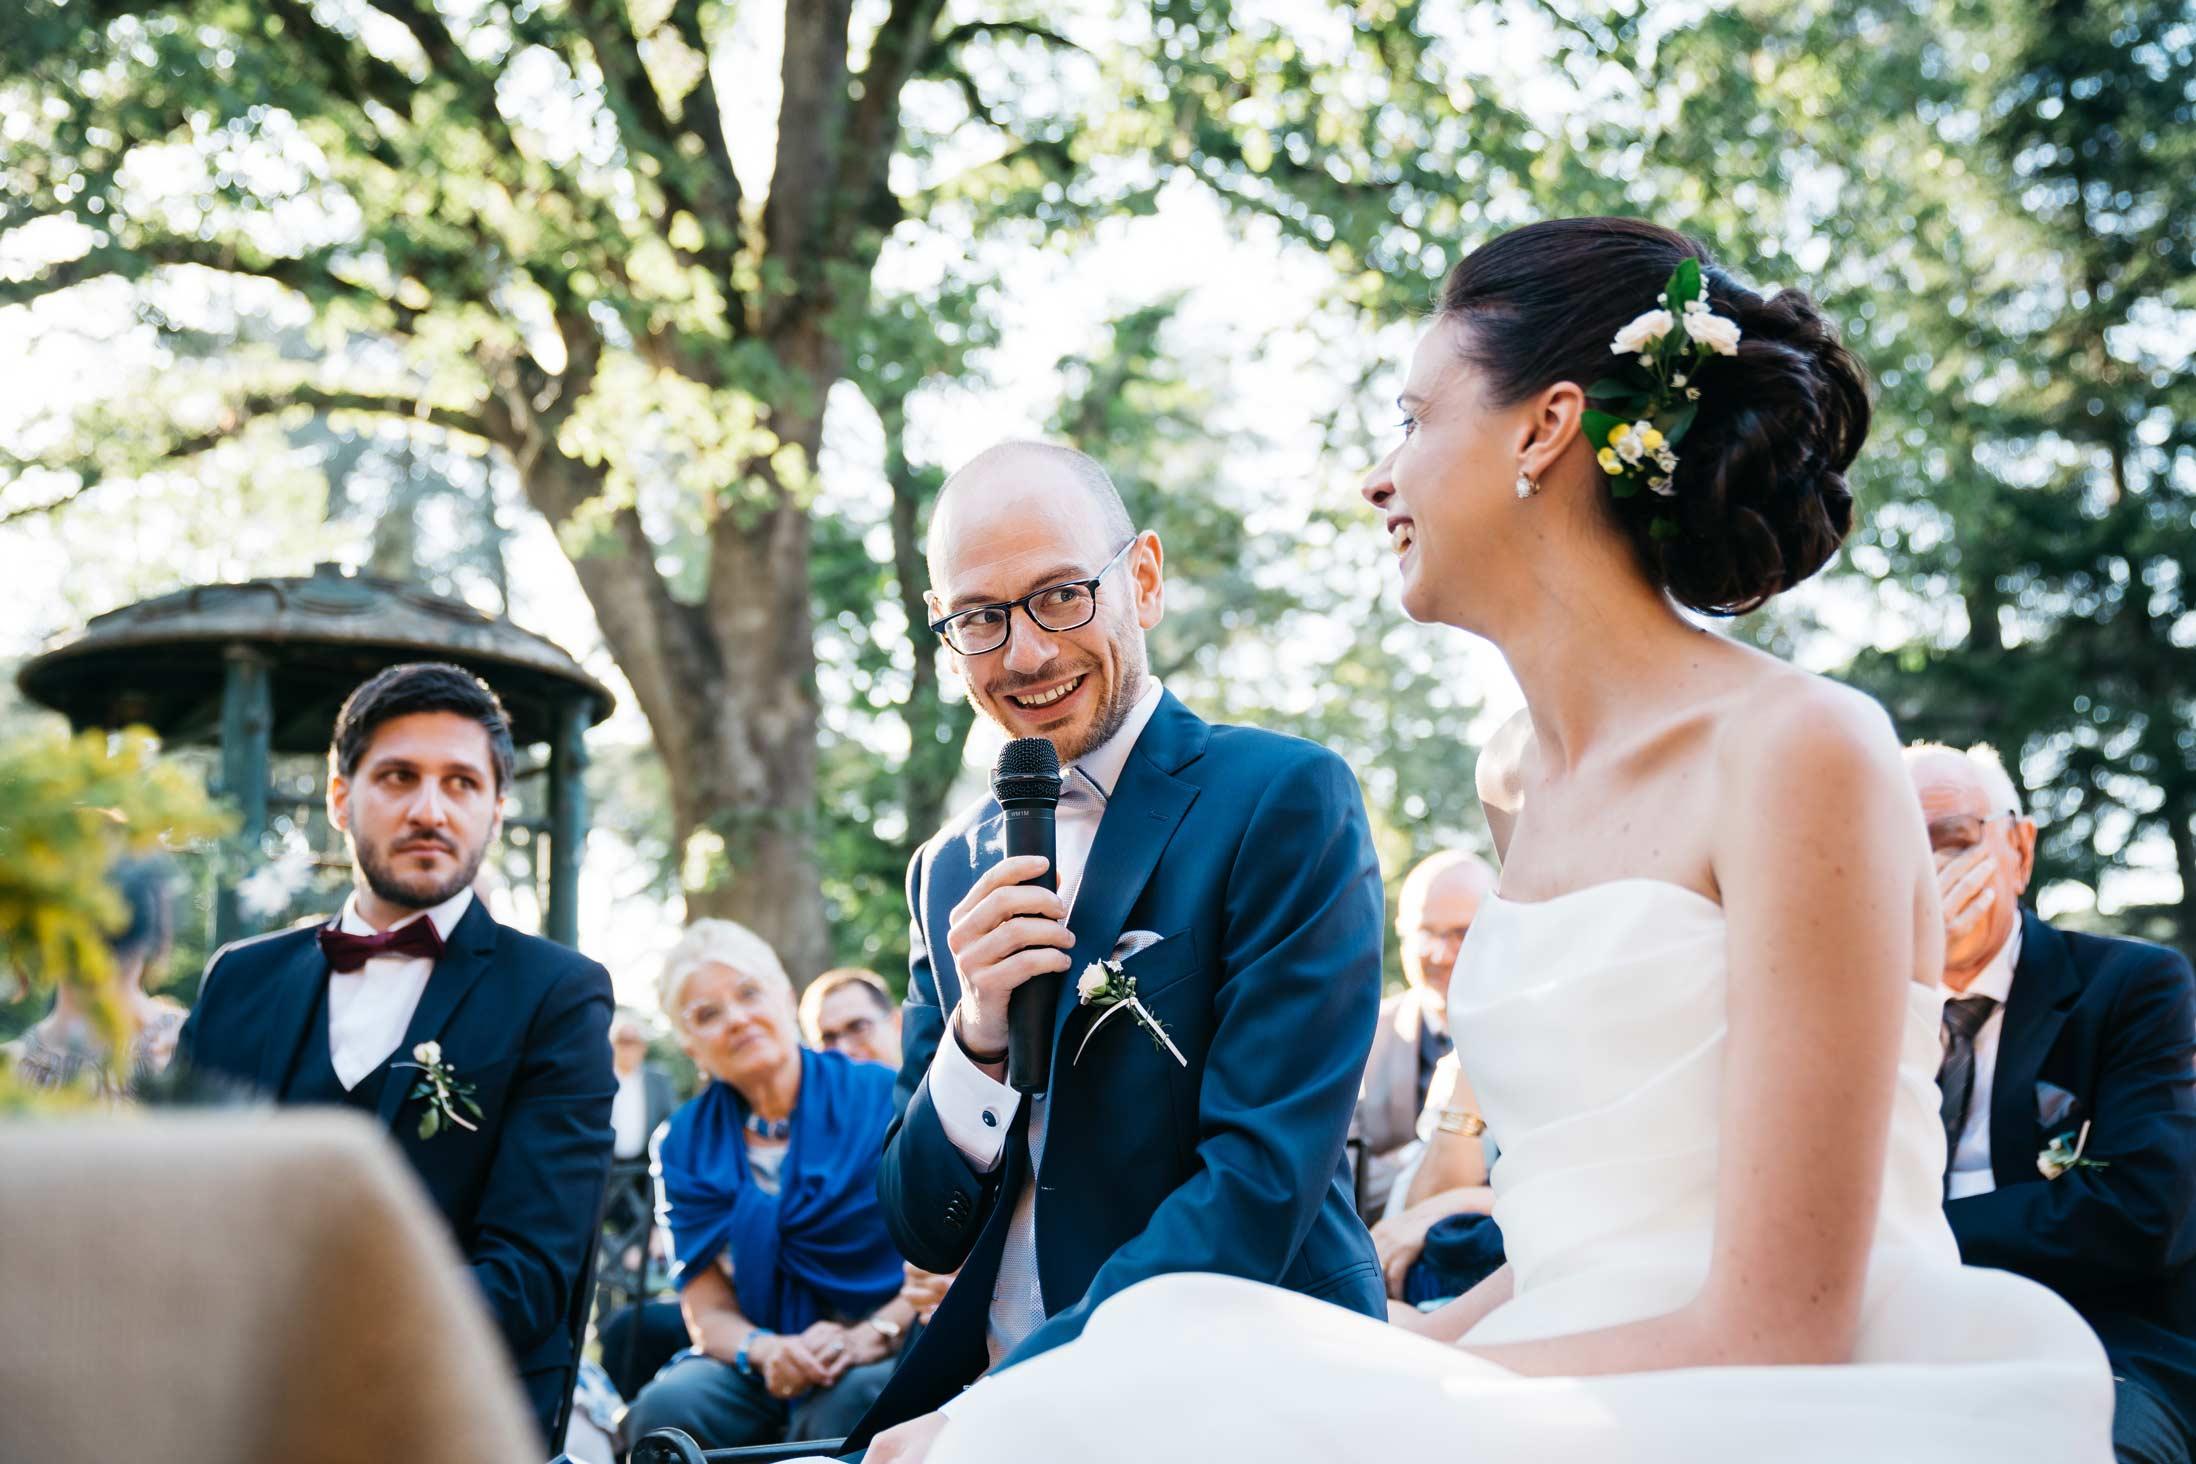 Fotoreportage-Di-Matrimonio-Roma-Fotografi-Matrimonio-Roma-L&F